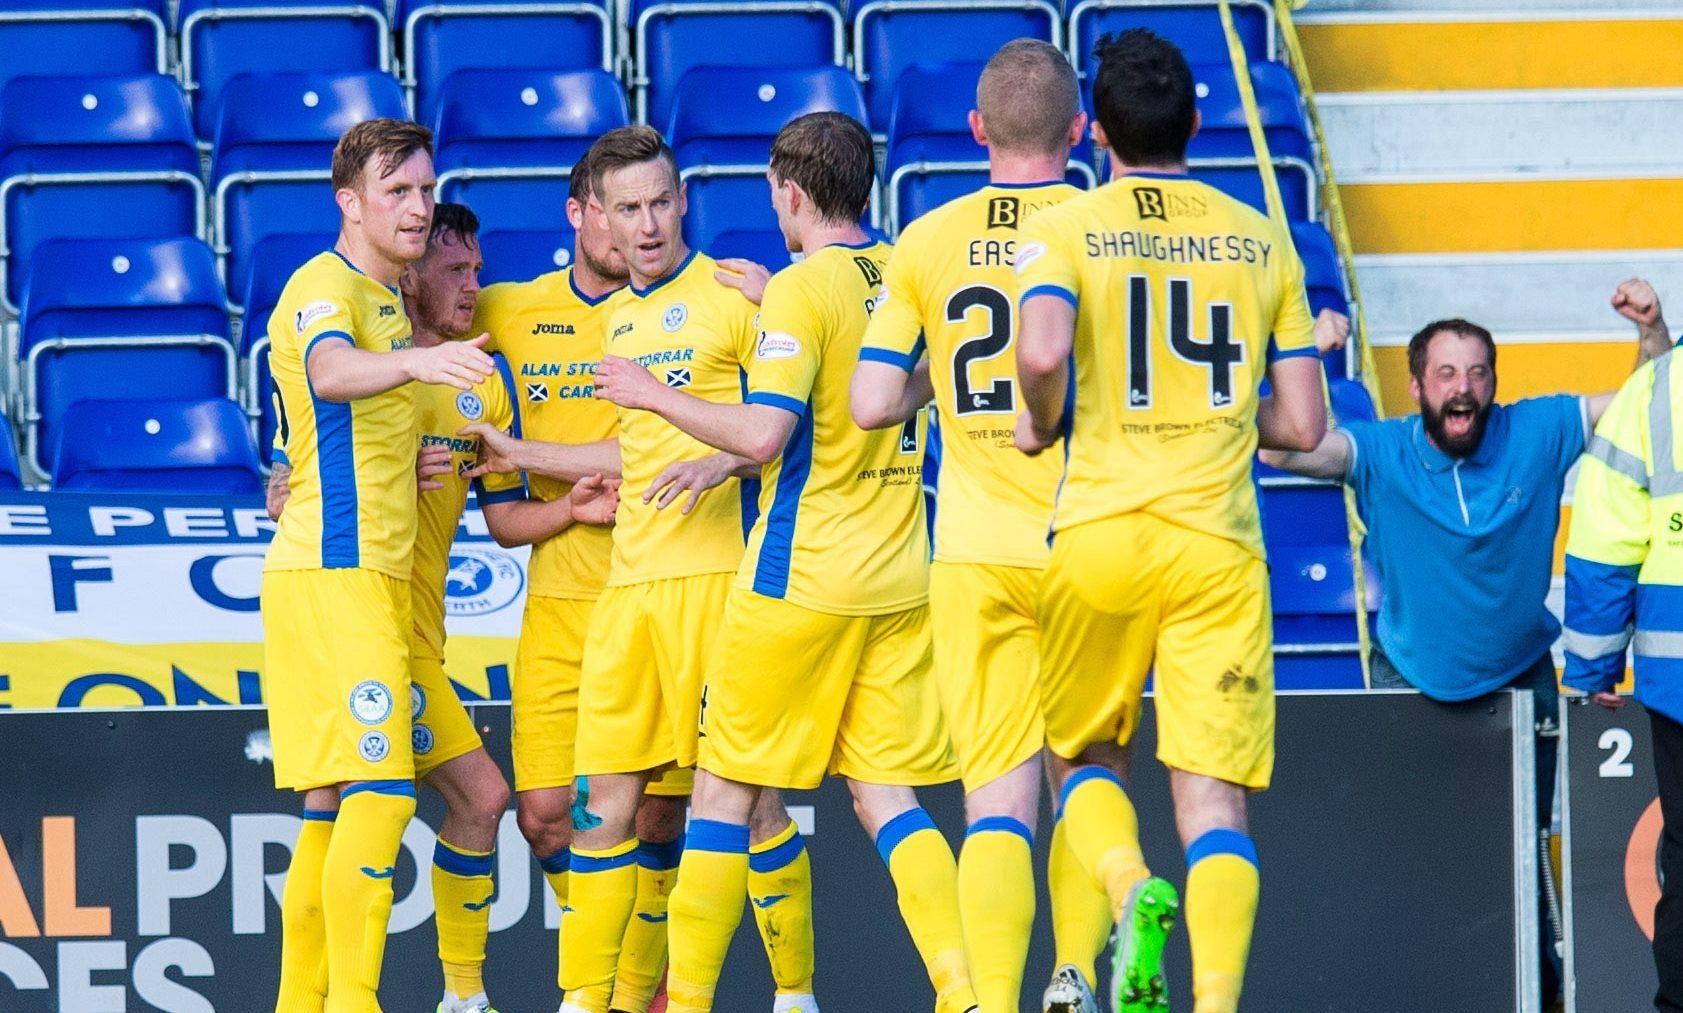 St Johnstone team celebrate Danny Swanson's goal